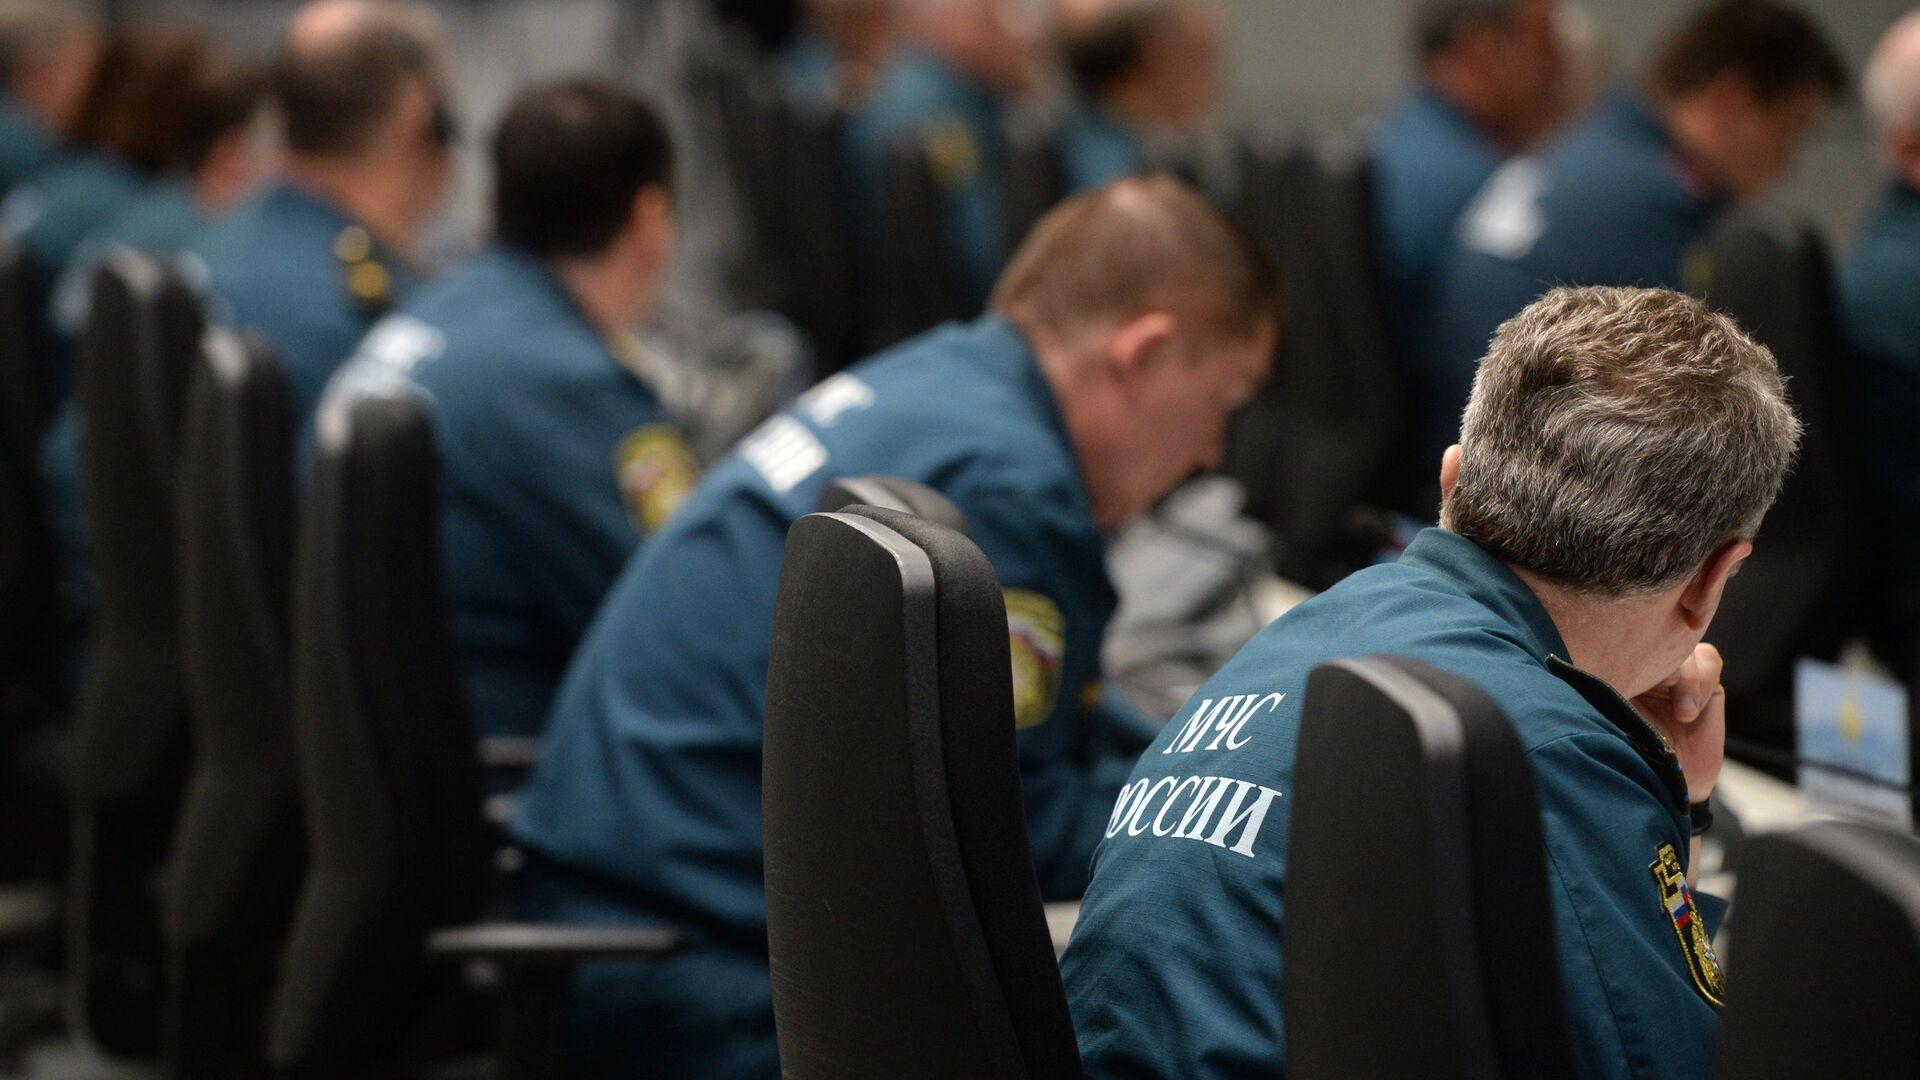 В Ленинградской области эвакуировали дом из-за подозрительного предмета